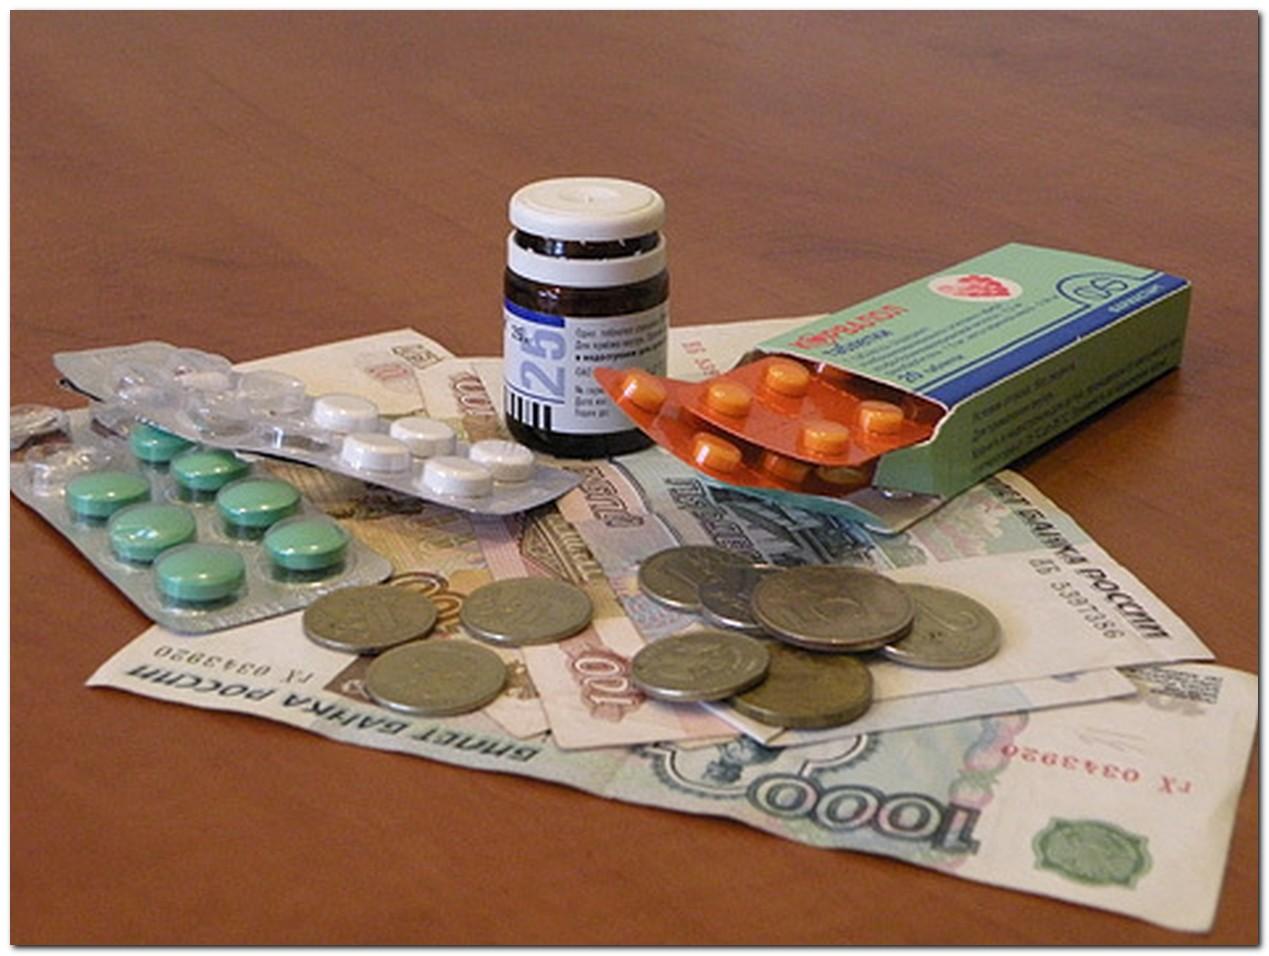 требовалось Возмещение расходов на приобретение лекарств инвалиду было